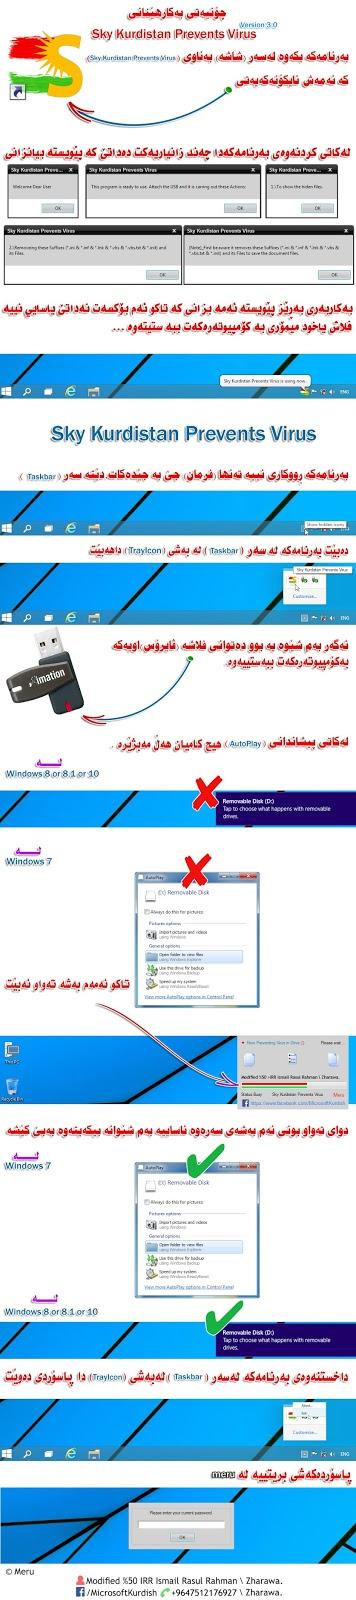 بهرنامه: رەشکردنەوەى ڤایرۆس لەناو میمۆری و فلاش Sky Kurdistan Prevents Virus V3.0